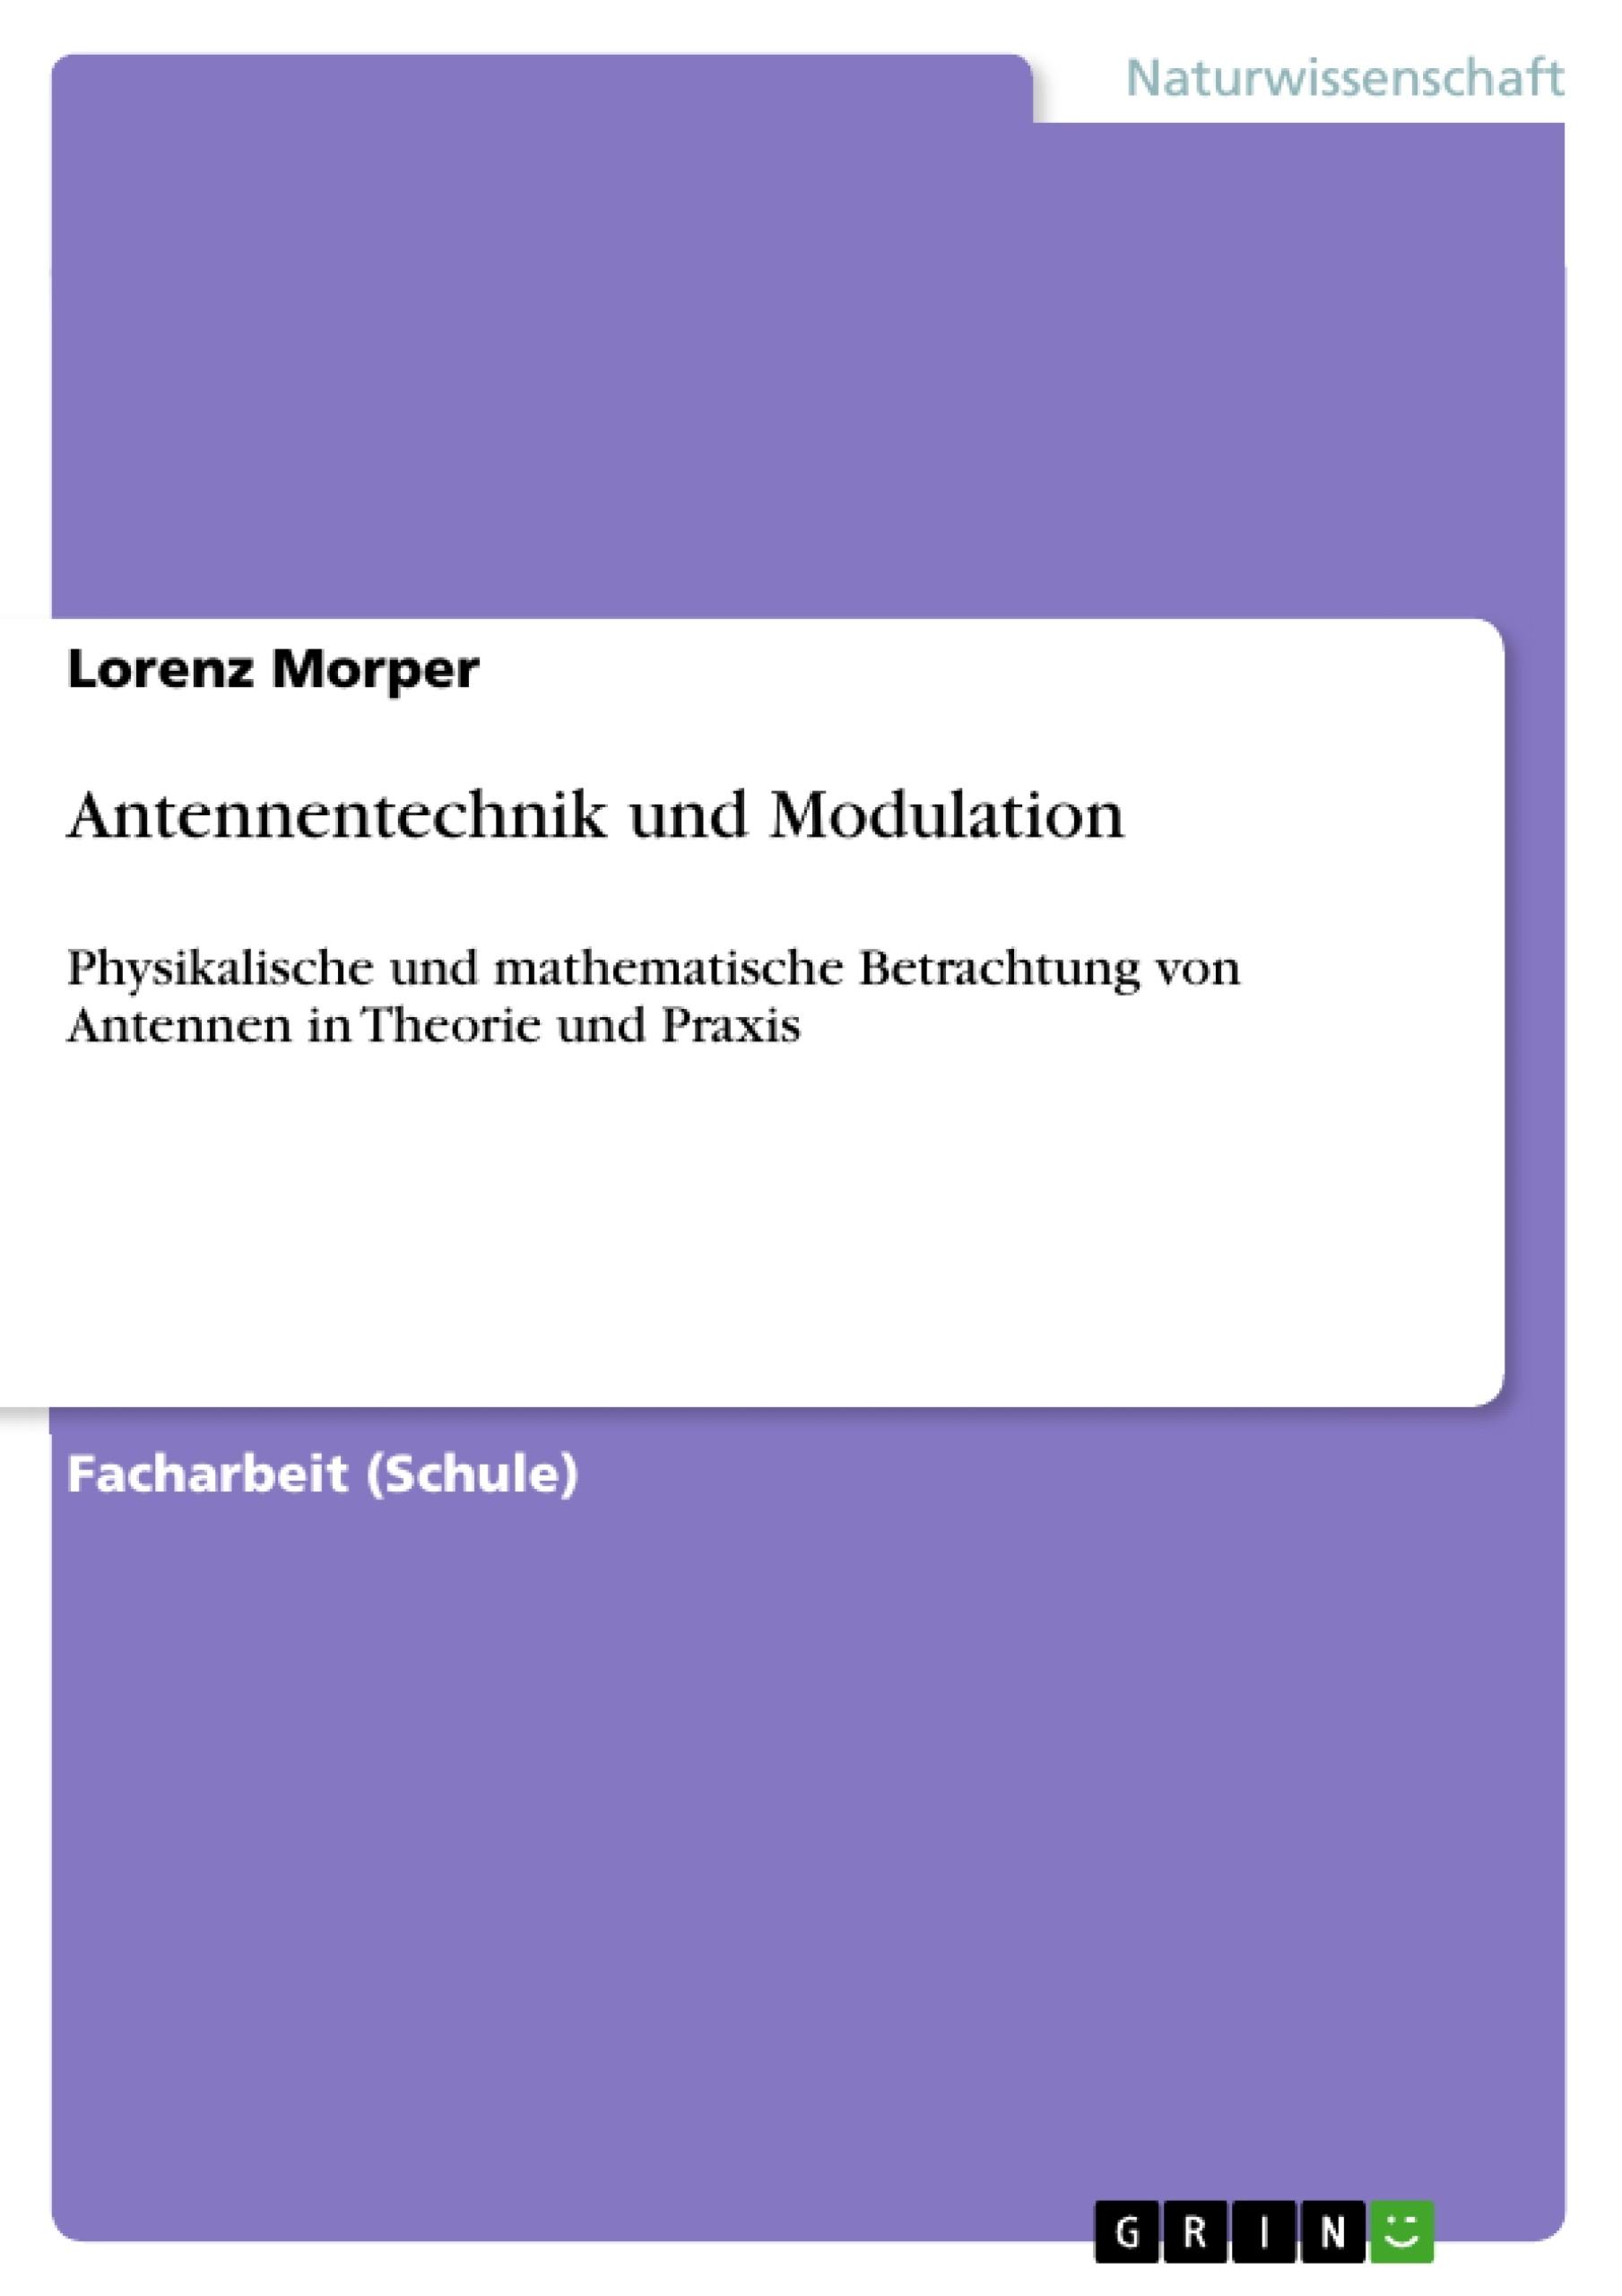 Titel: Antennentechnik und Modulation